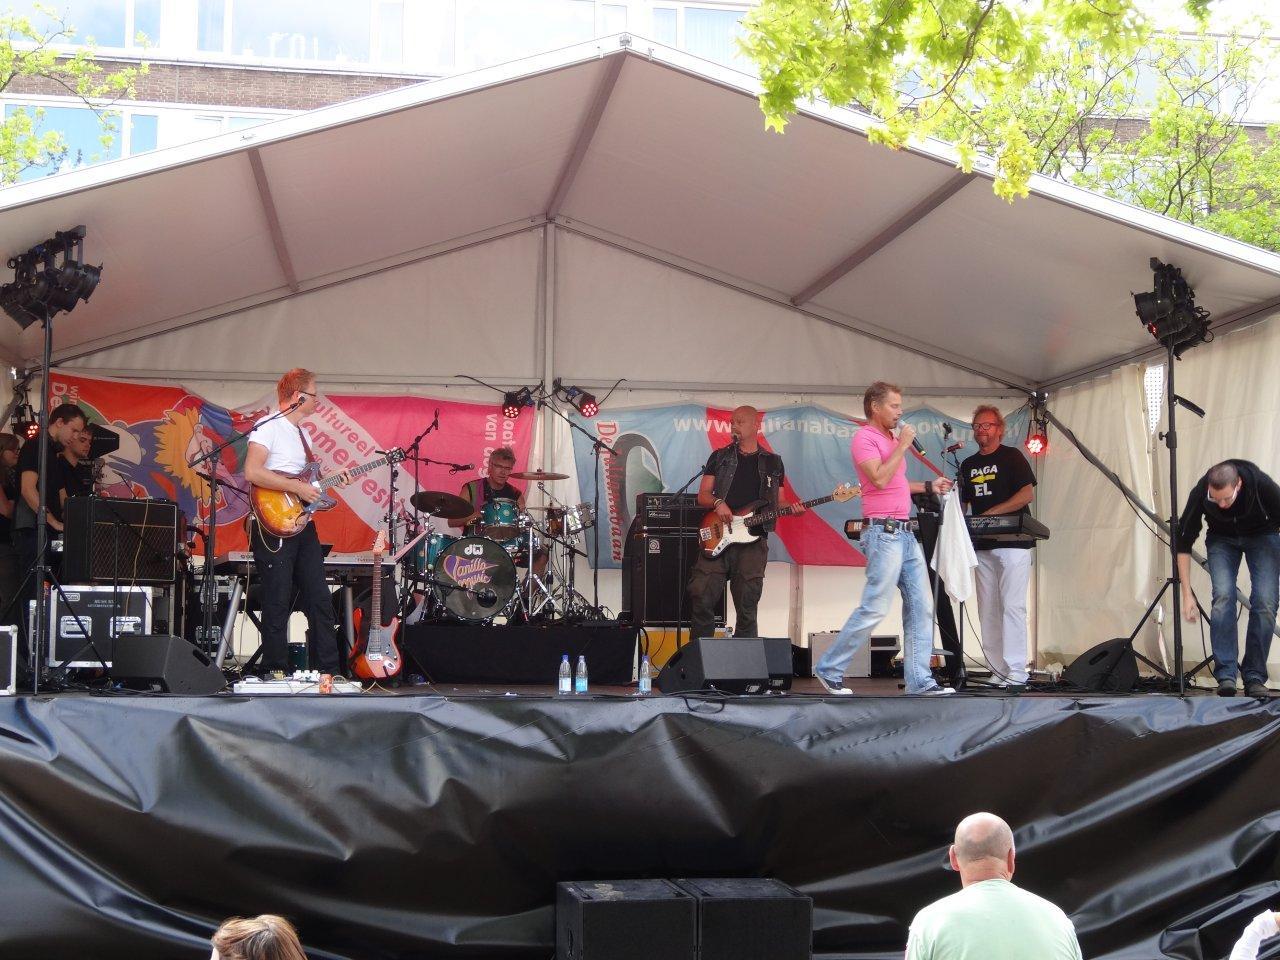 festival-2012-041-2